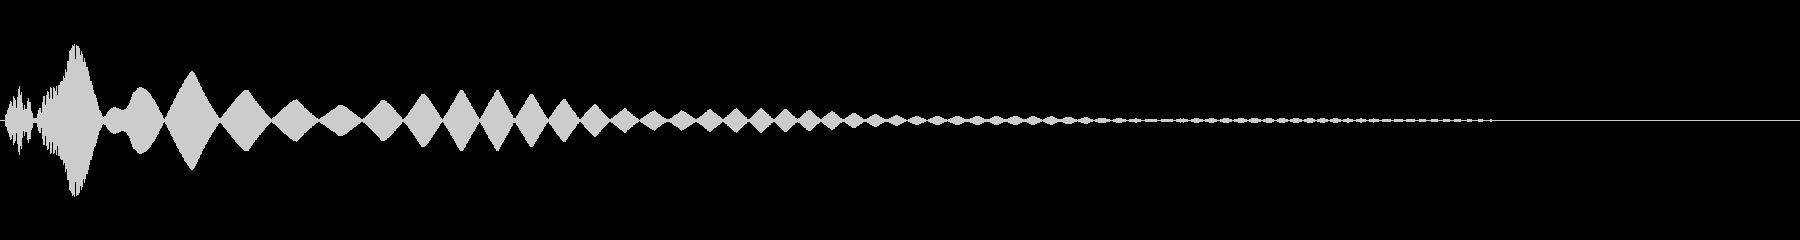 さまざまなピッチの複数のインターフ...の未再生の波形